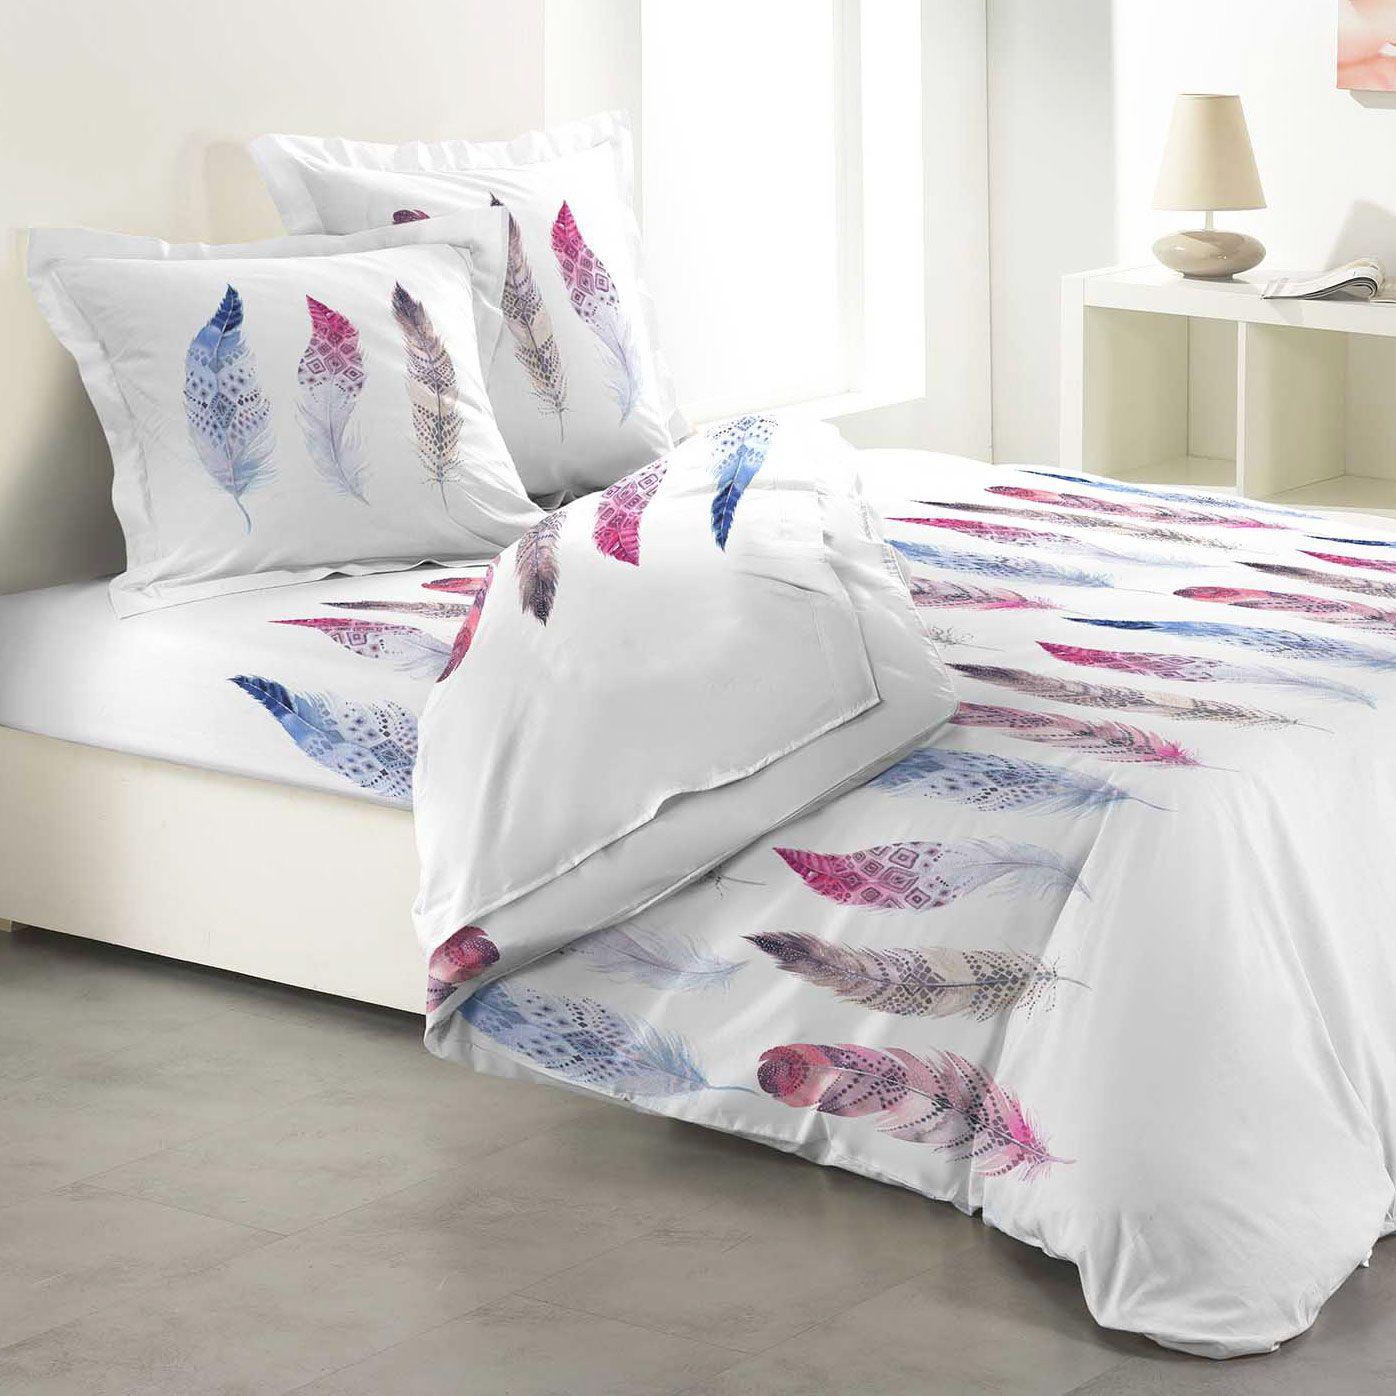 drap plat flanelle draphousse en flanelle produit maison cora with drap plat flanelle elegant. Black Bedroom Furniture Sets. Home Design Ideas